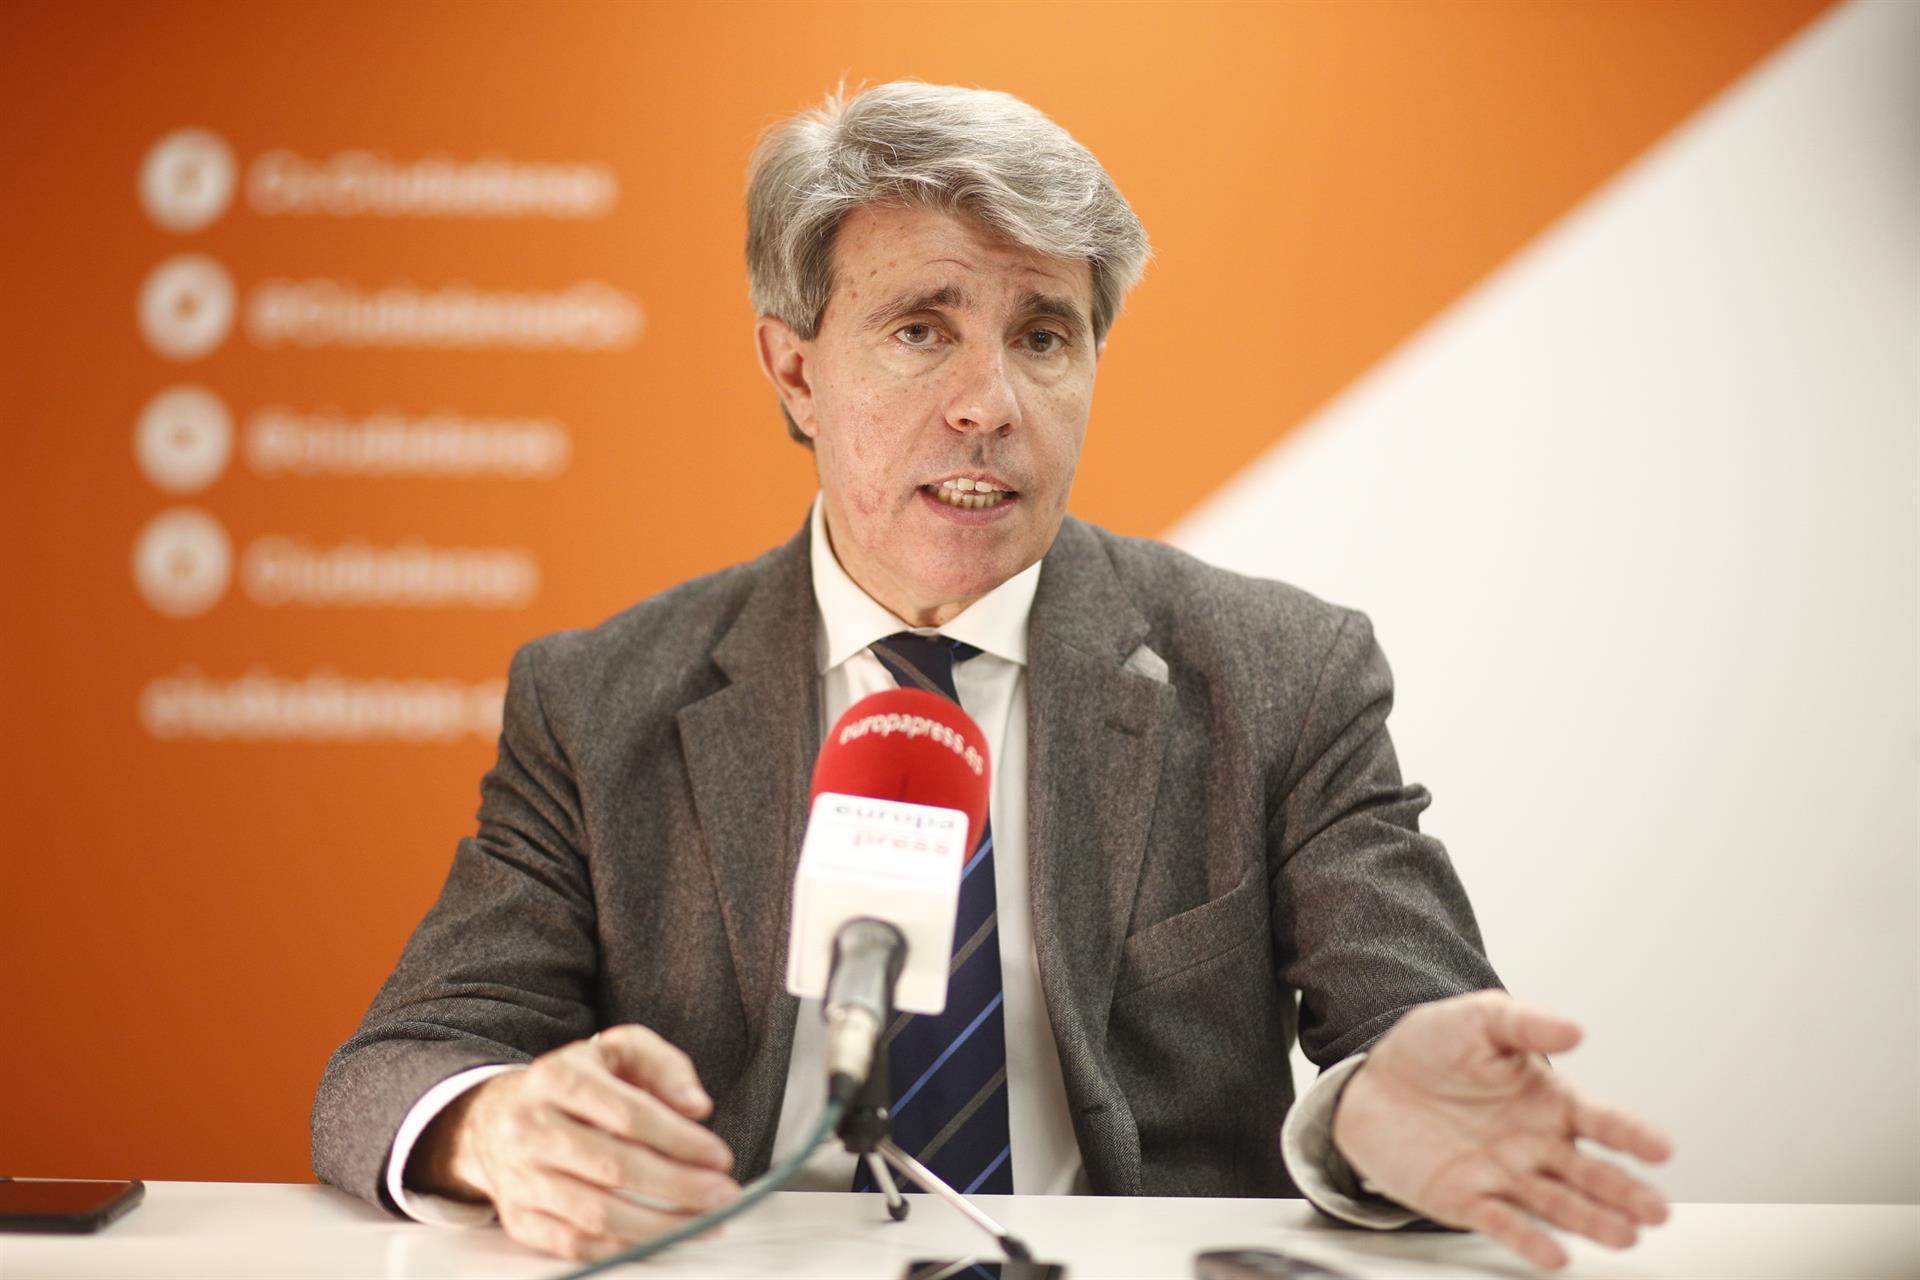 Ángel Garrido, ex dirigente del PP y actual diputado de Ciudadanos @EP